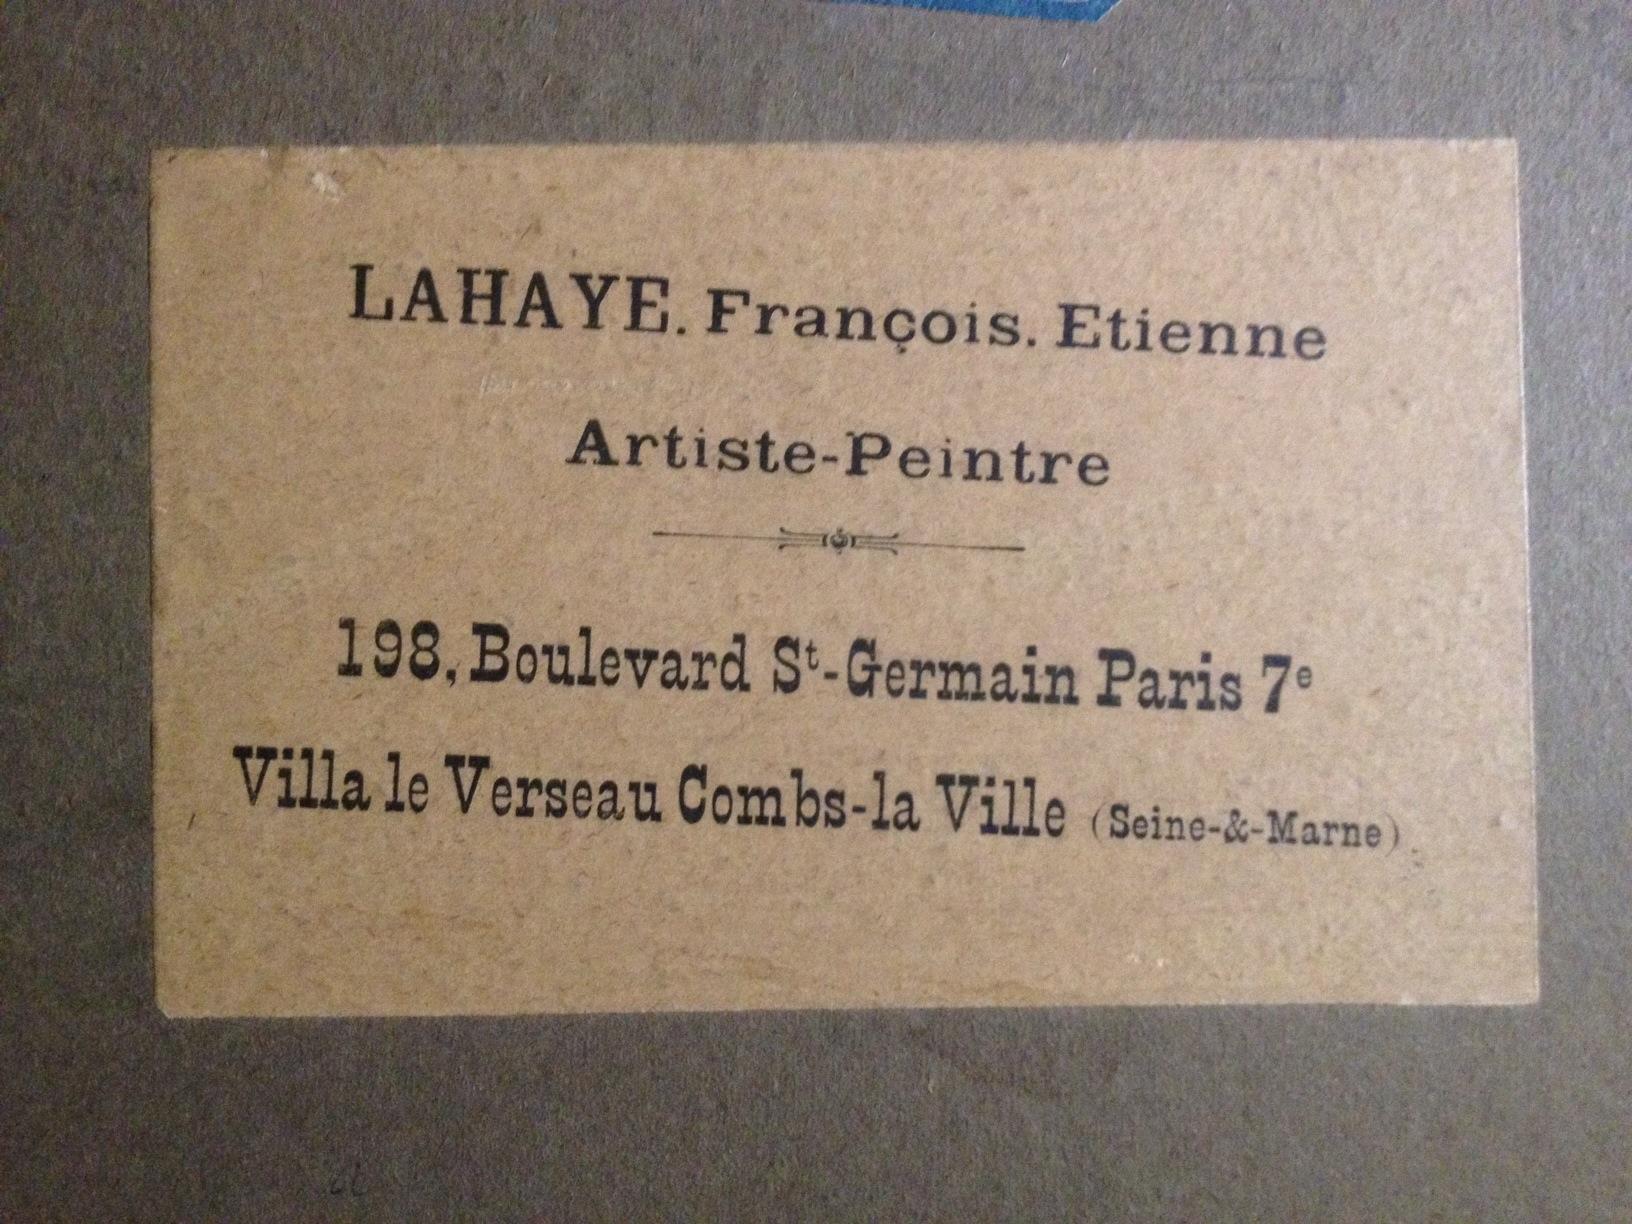 François-Étienne Lahaye